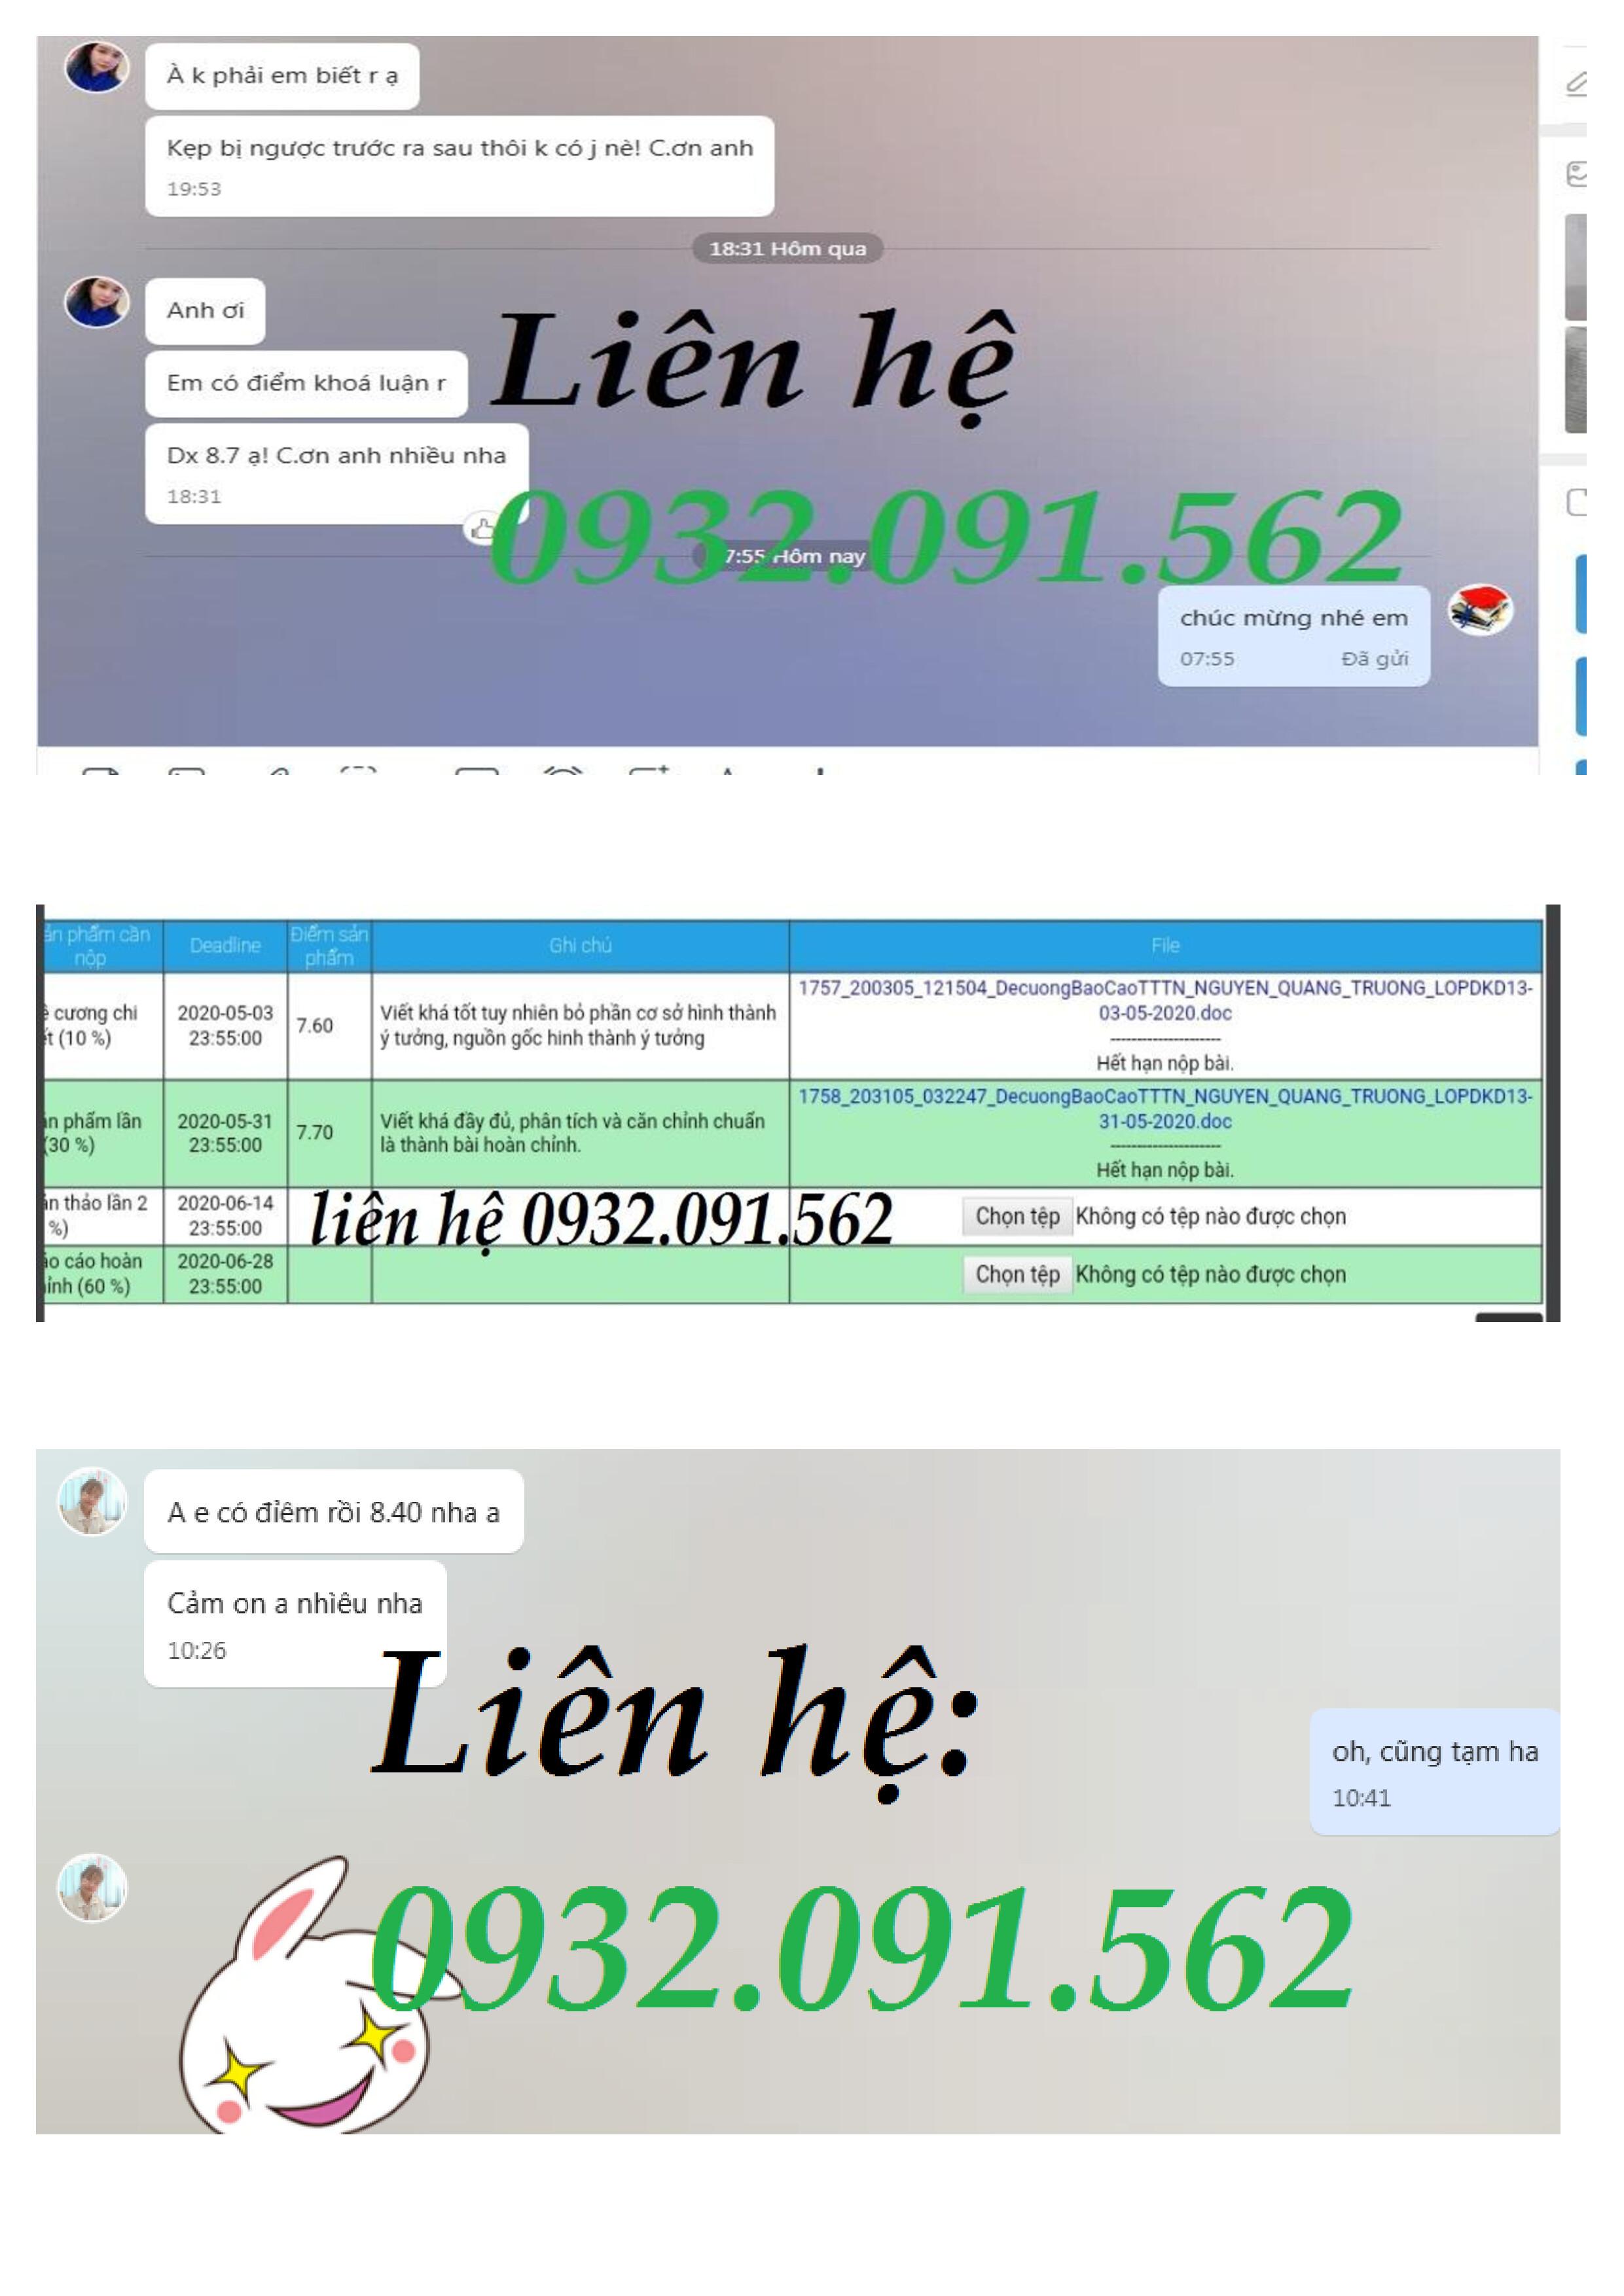 Đánh giá của các bạn sinh viên tại trithucpanda.com